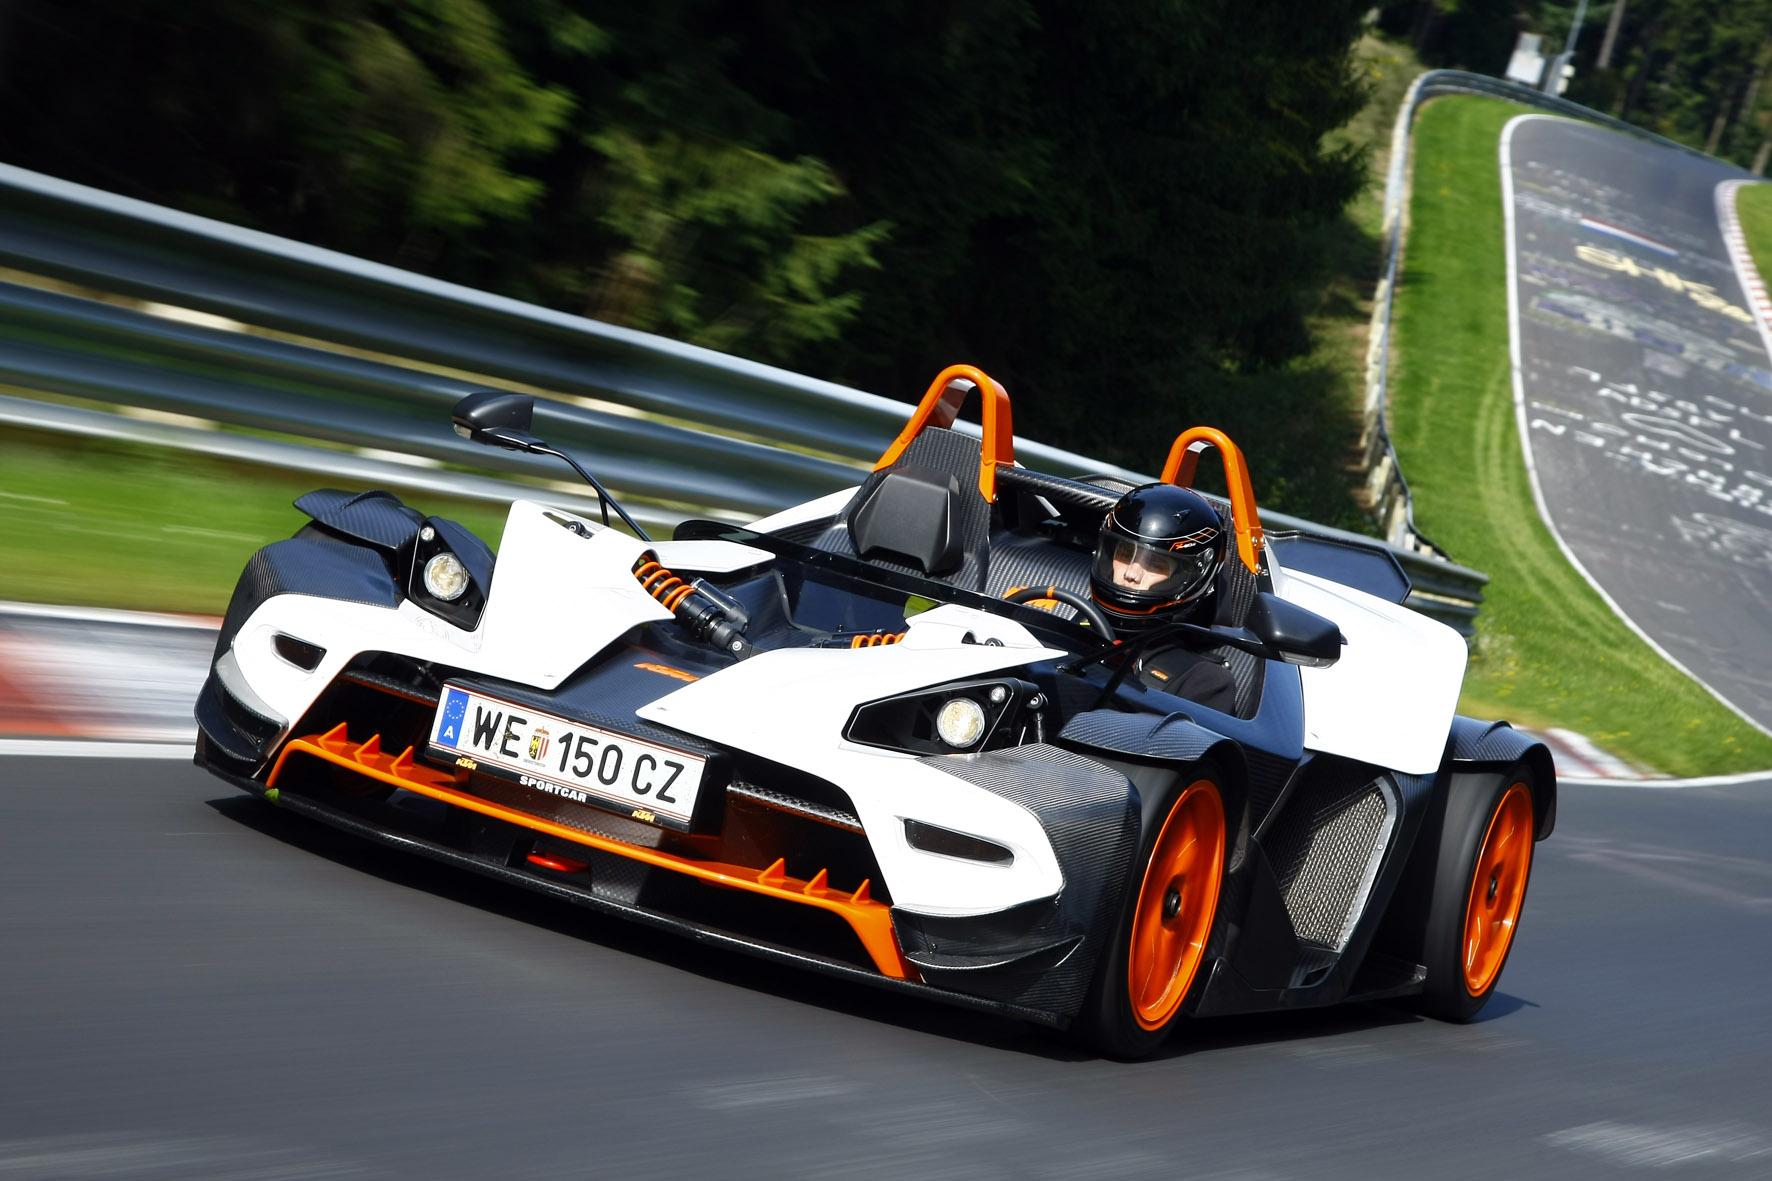 Самые гоночные машины в мире картинки